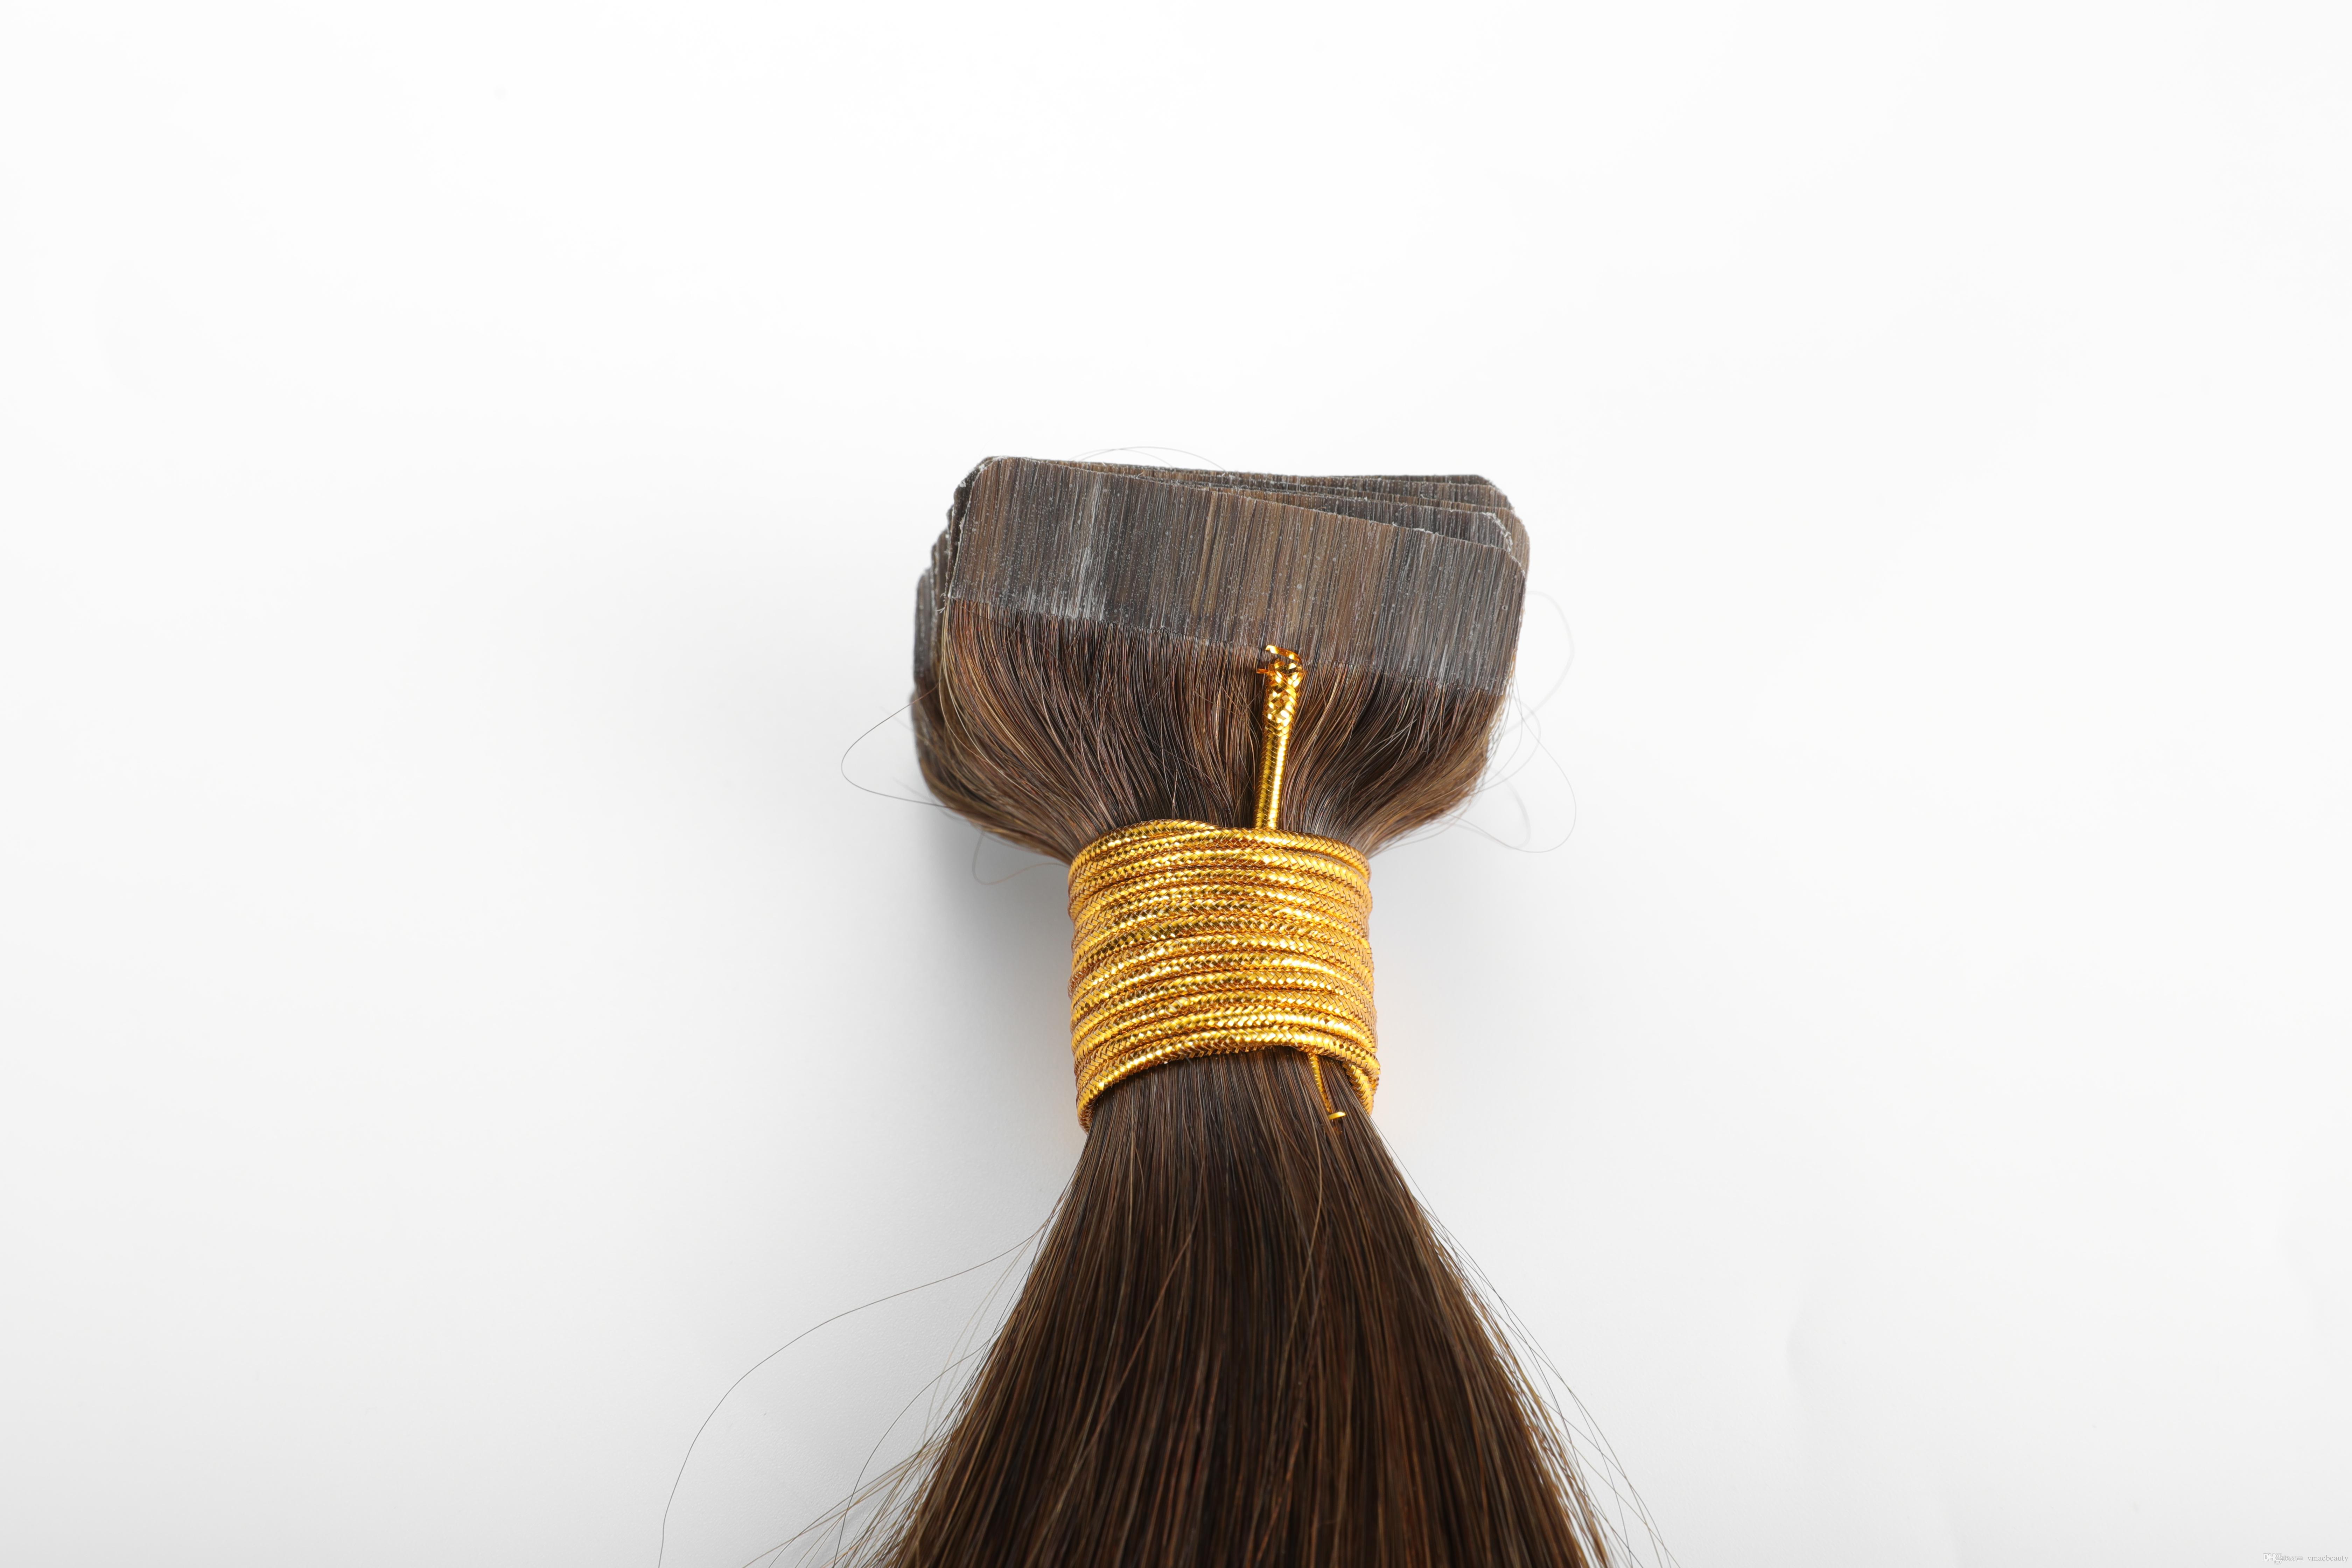 جديد وصول 100 جرام موجة المياه الشريط في الشعر البشري 40 قطع البرازيلي العذراء موجة الطبيعية لينة الجلد لحمة الشعر